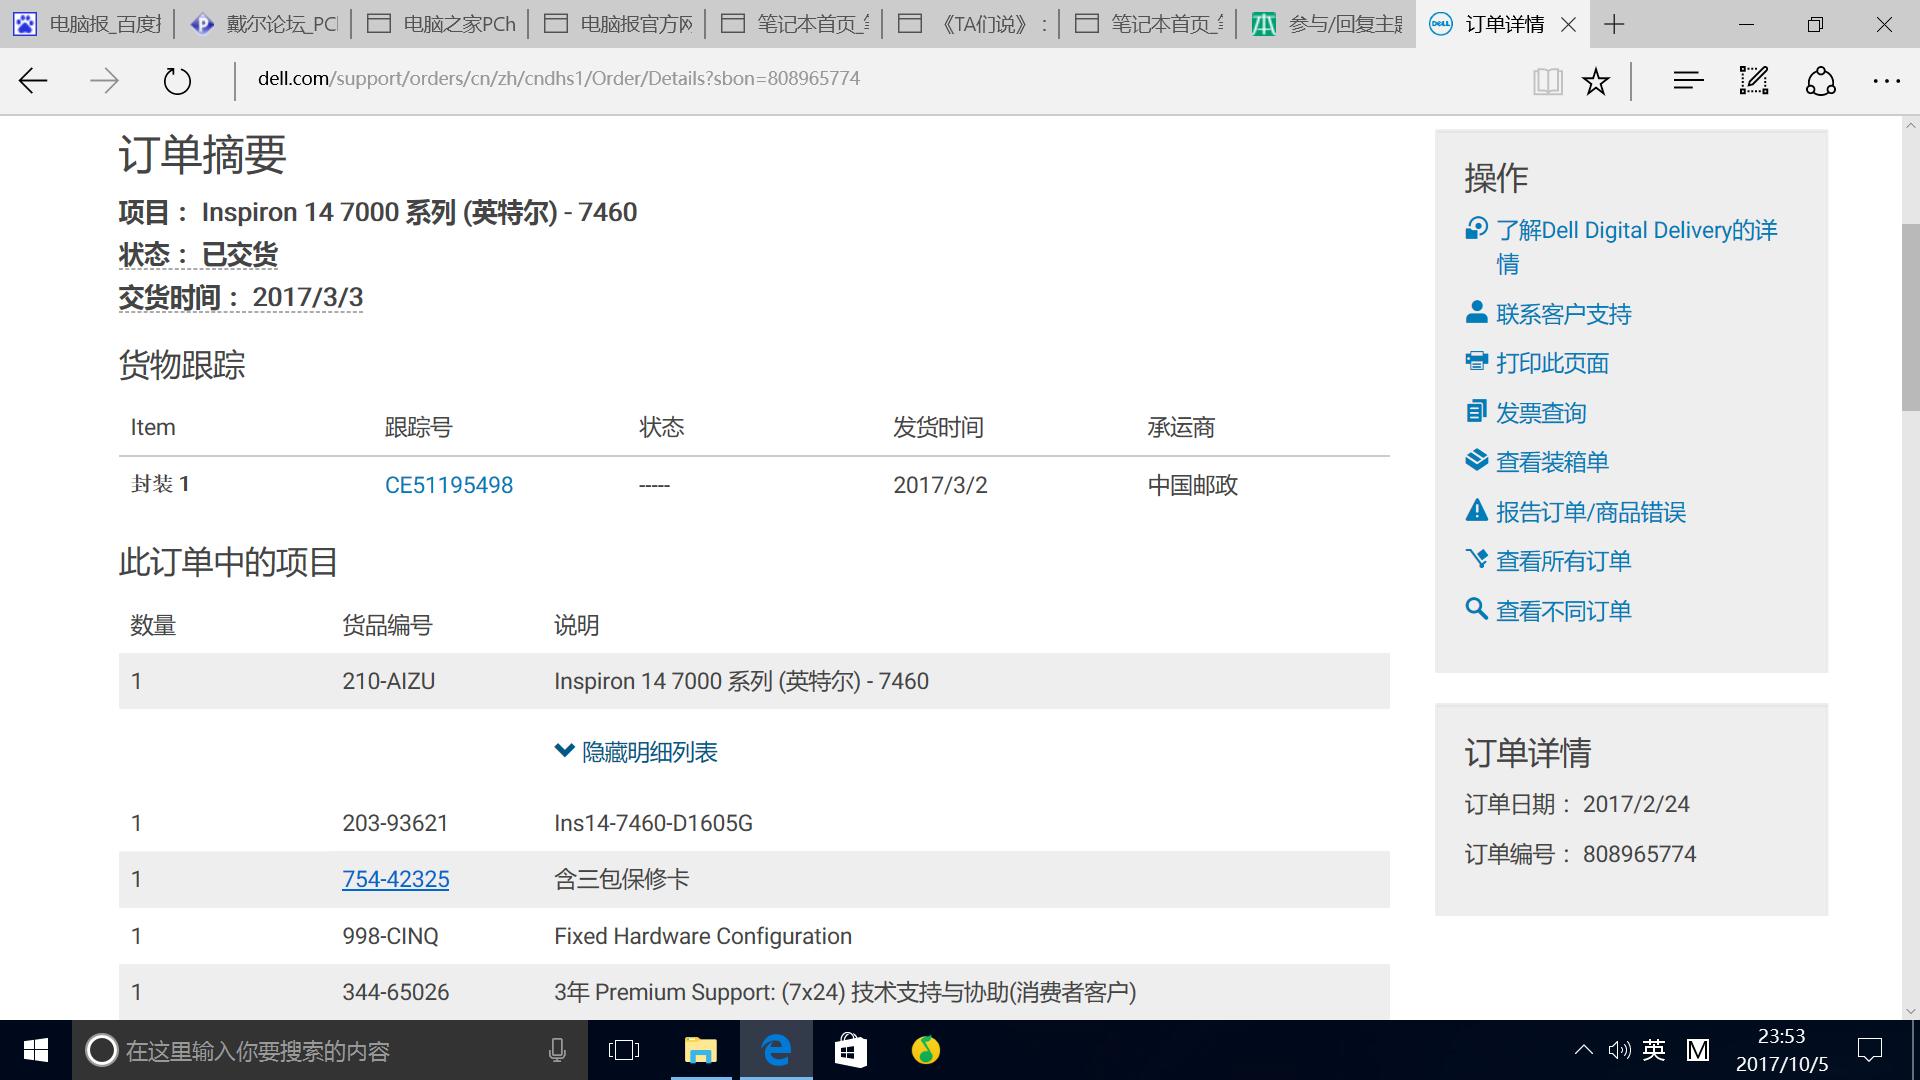 这是当时在dell官方网站上买的订单号及笔记本型号